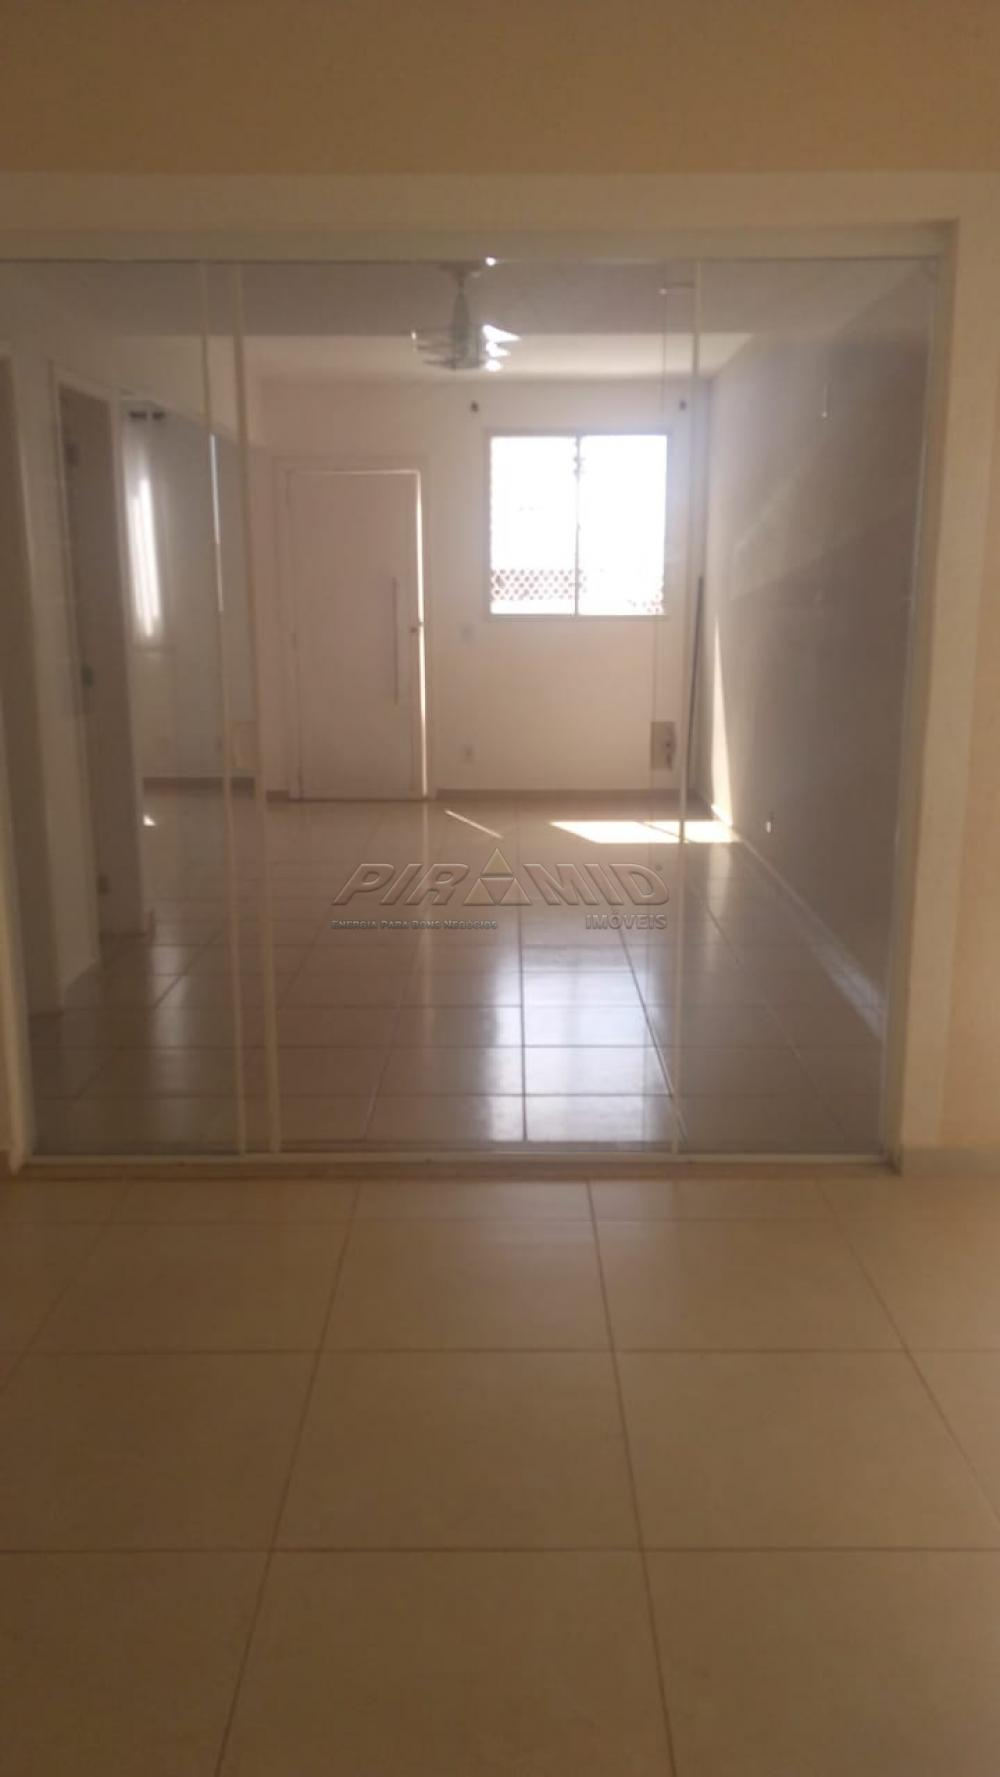 Alugar Casa / Condomínio em Ribeirão Preto apenas R$ 1.900,00 - Foto 3